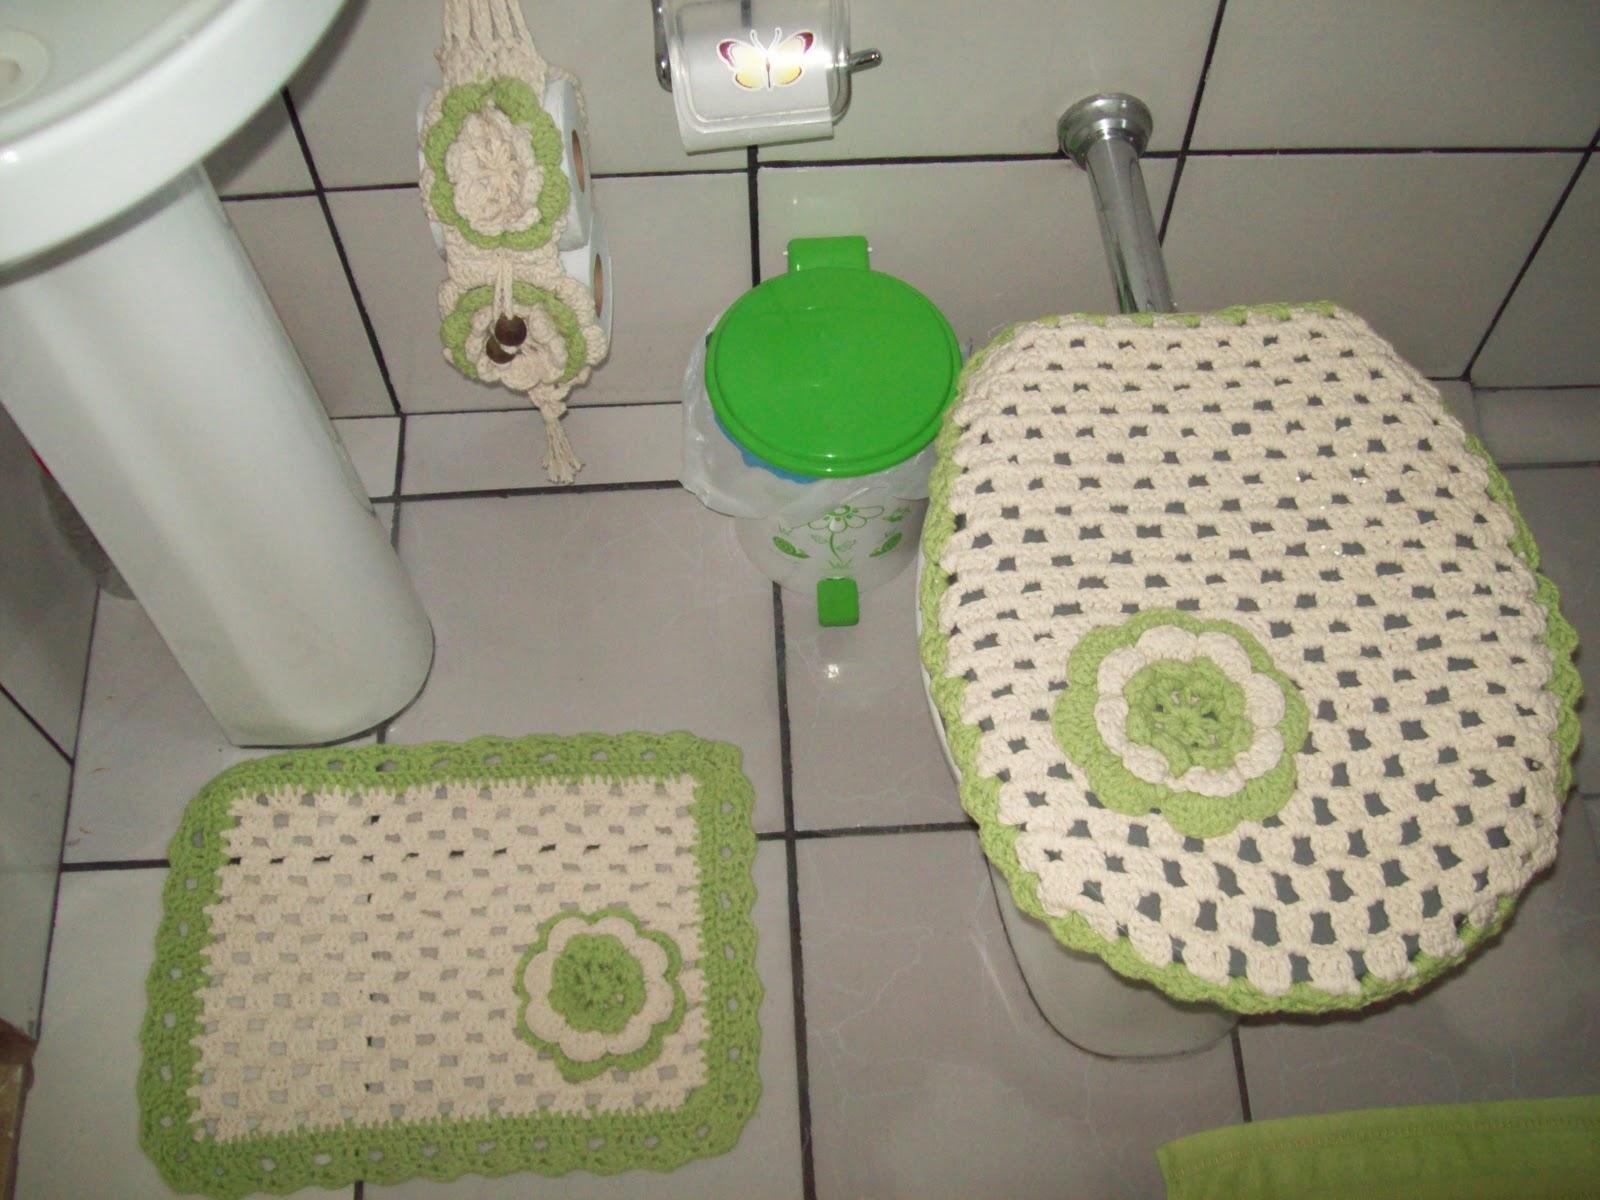 Concretizando Metas: Decoração do meu banheiro  #3F8E2F 1600 1200